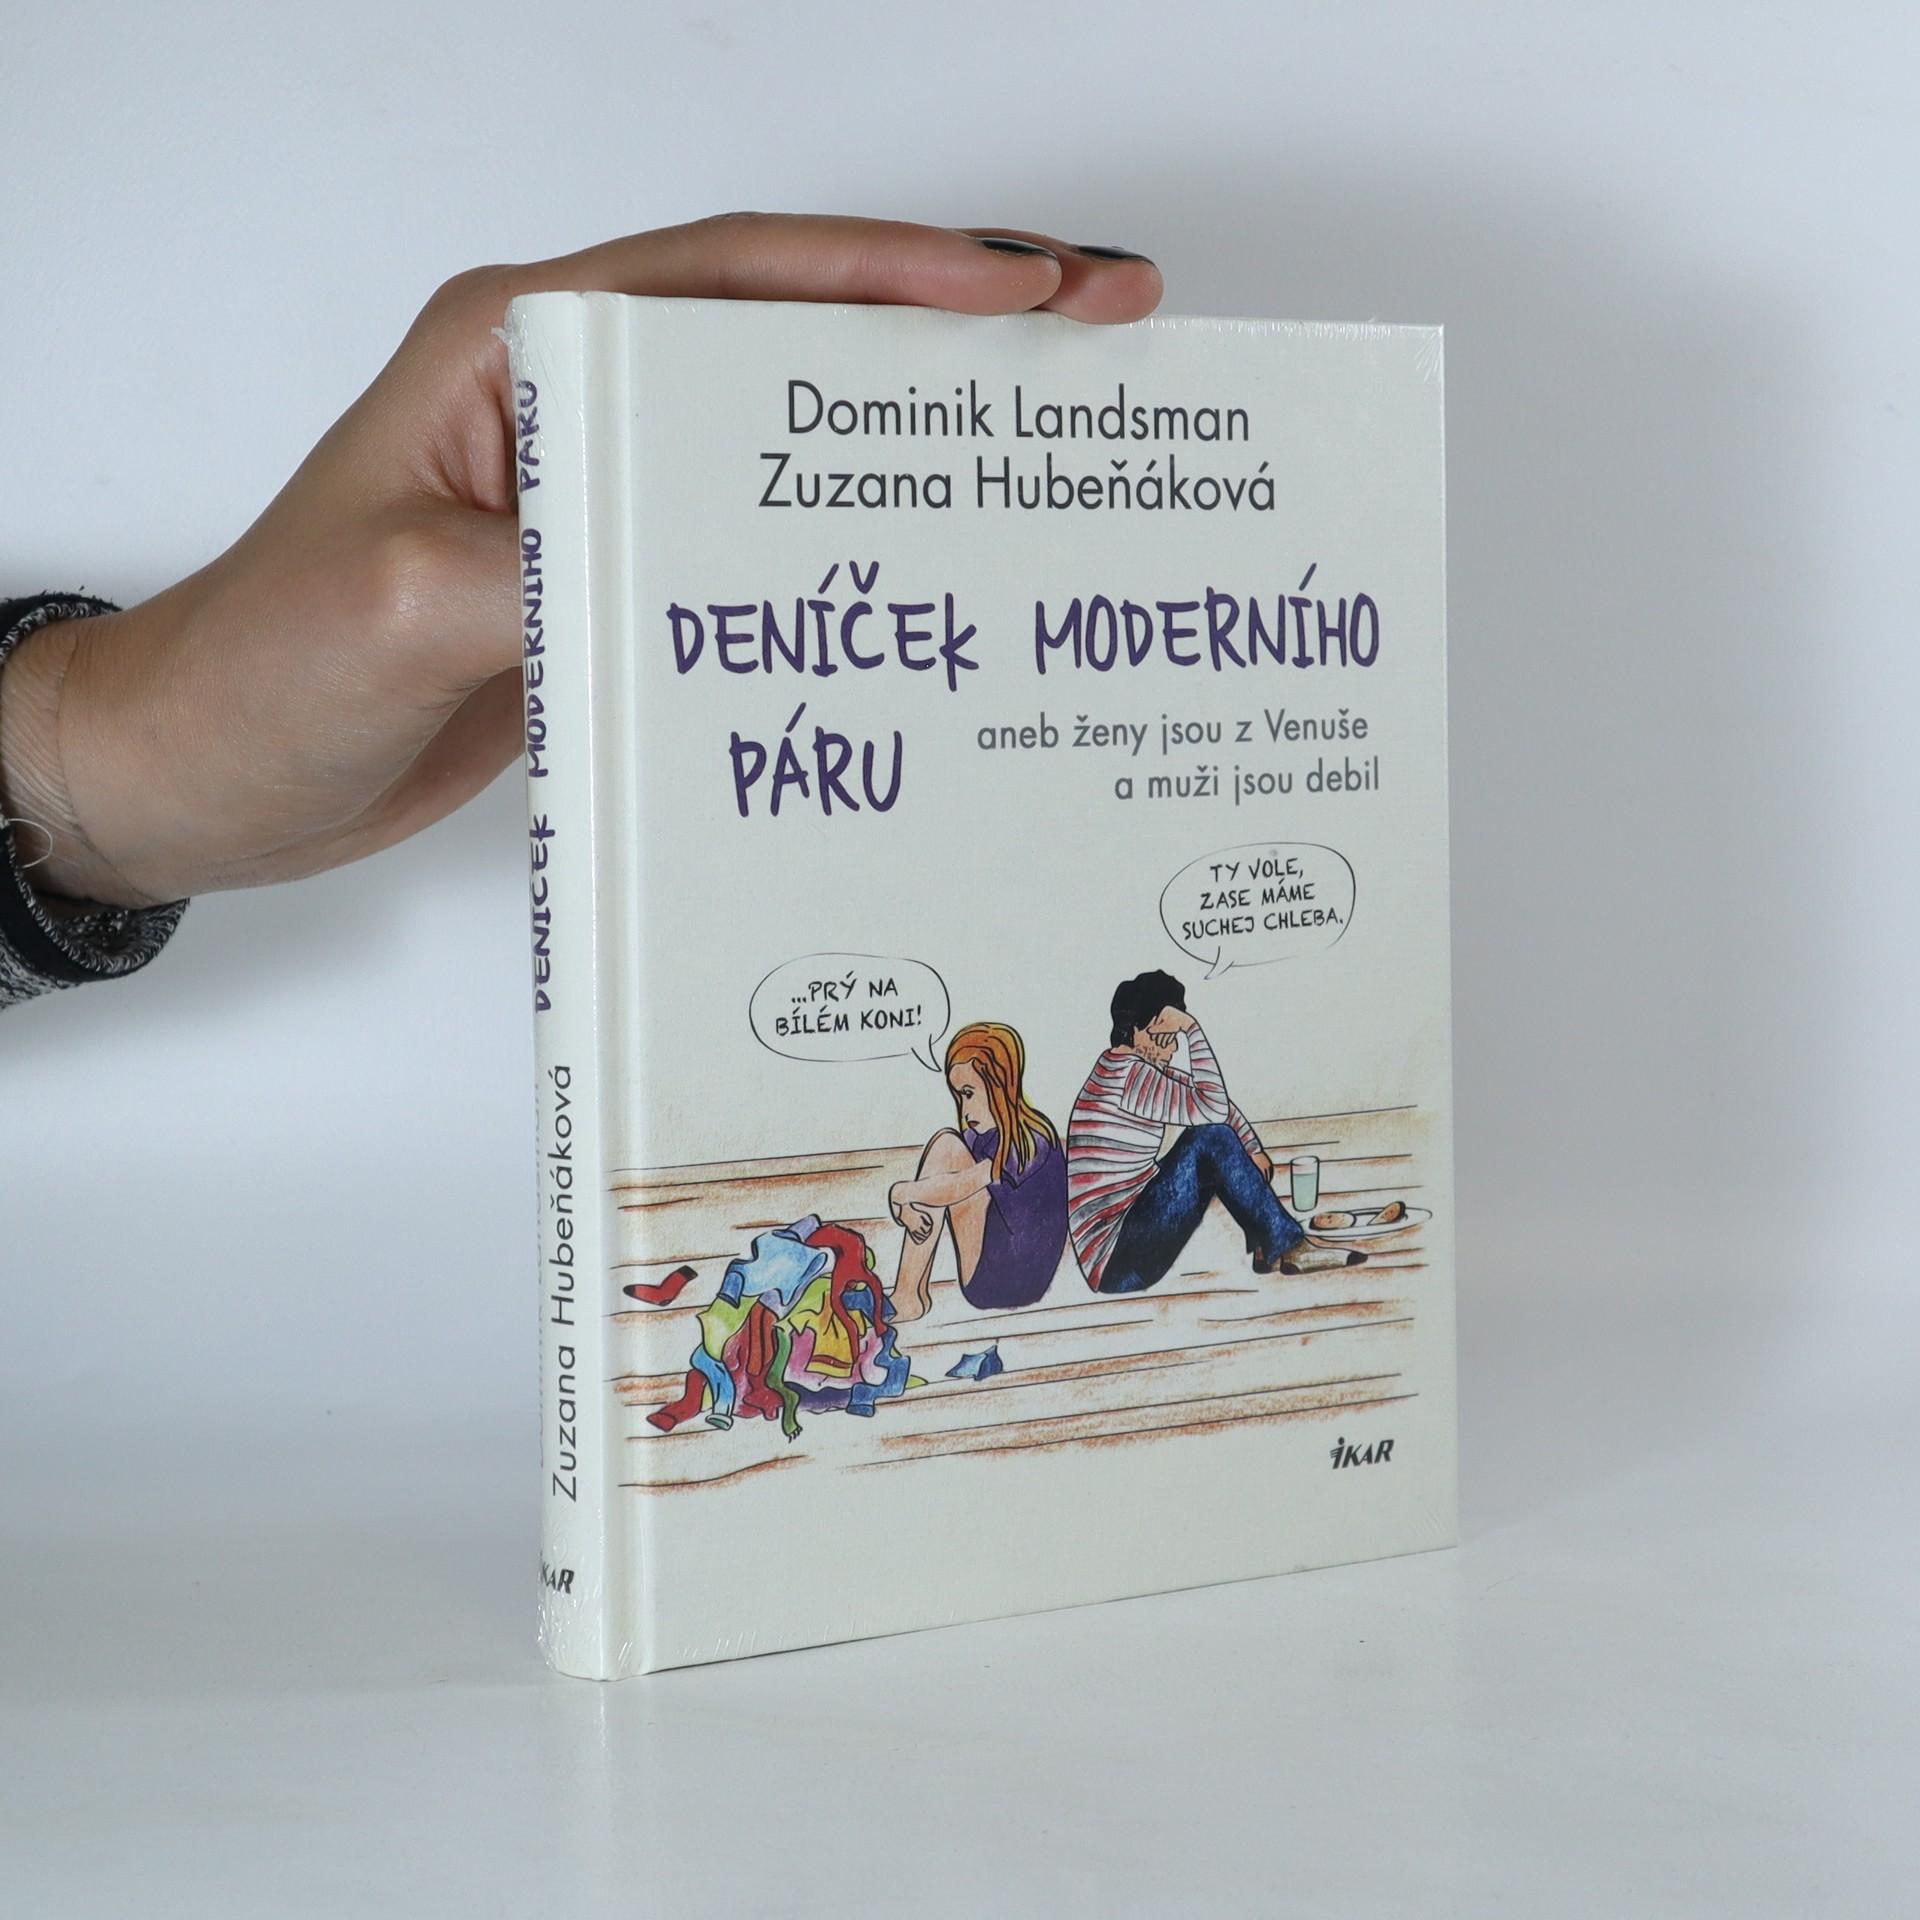 antikvární kniha Deníček moderního páru aneb ženy jsou z Venuše a muži jsou debil, neuveden